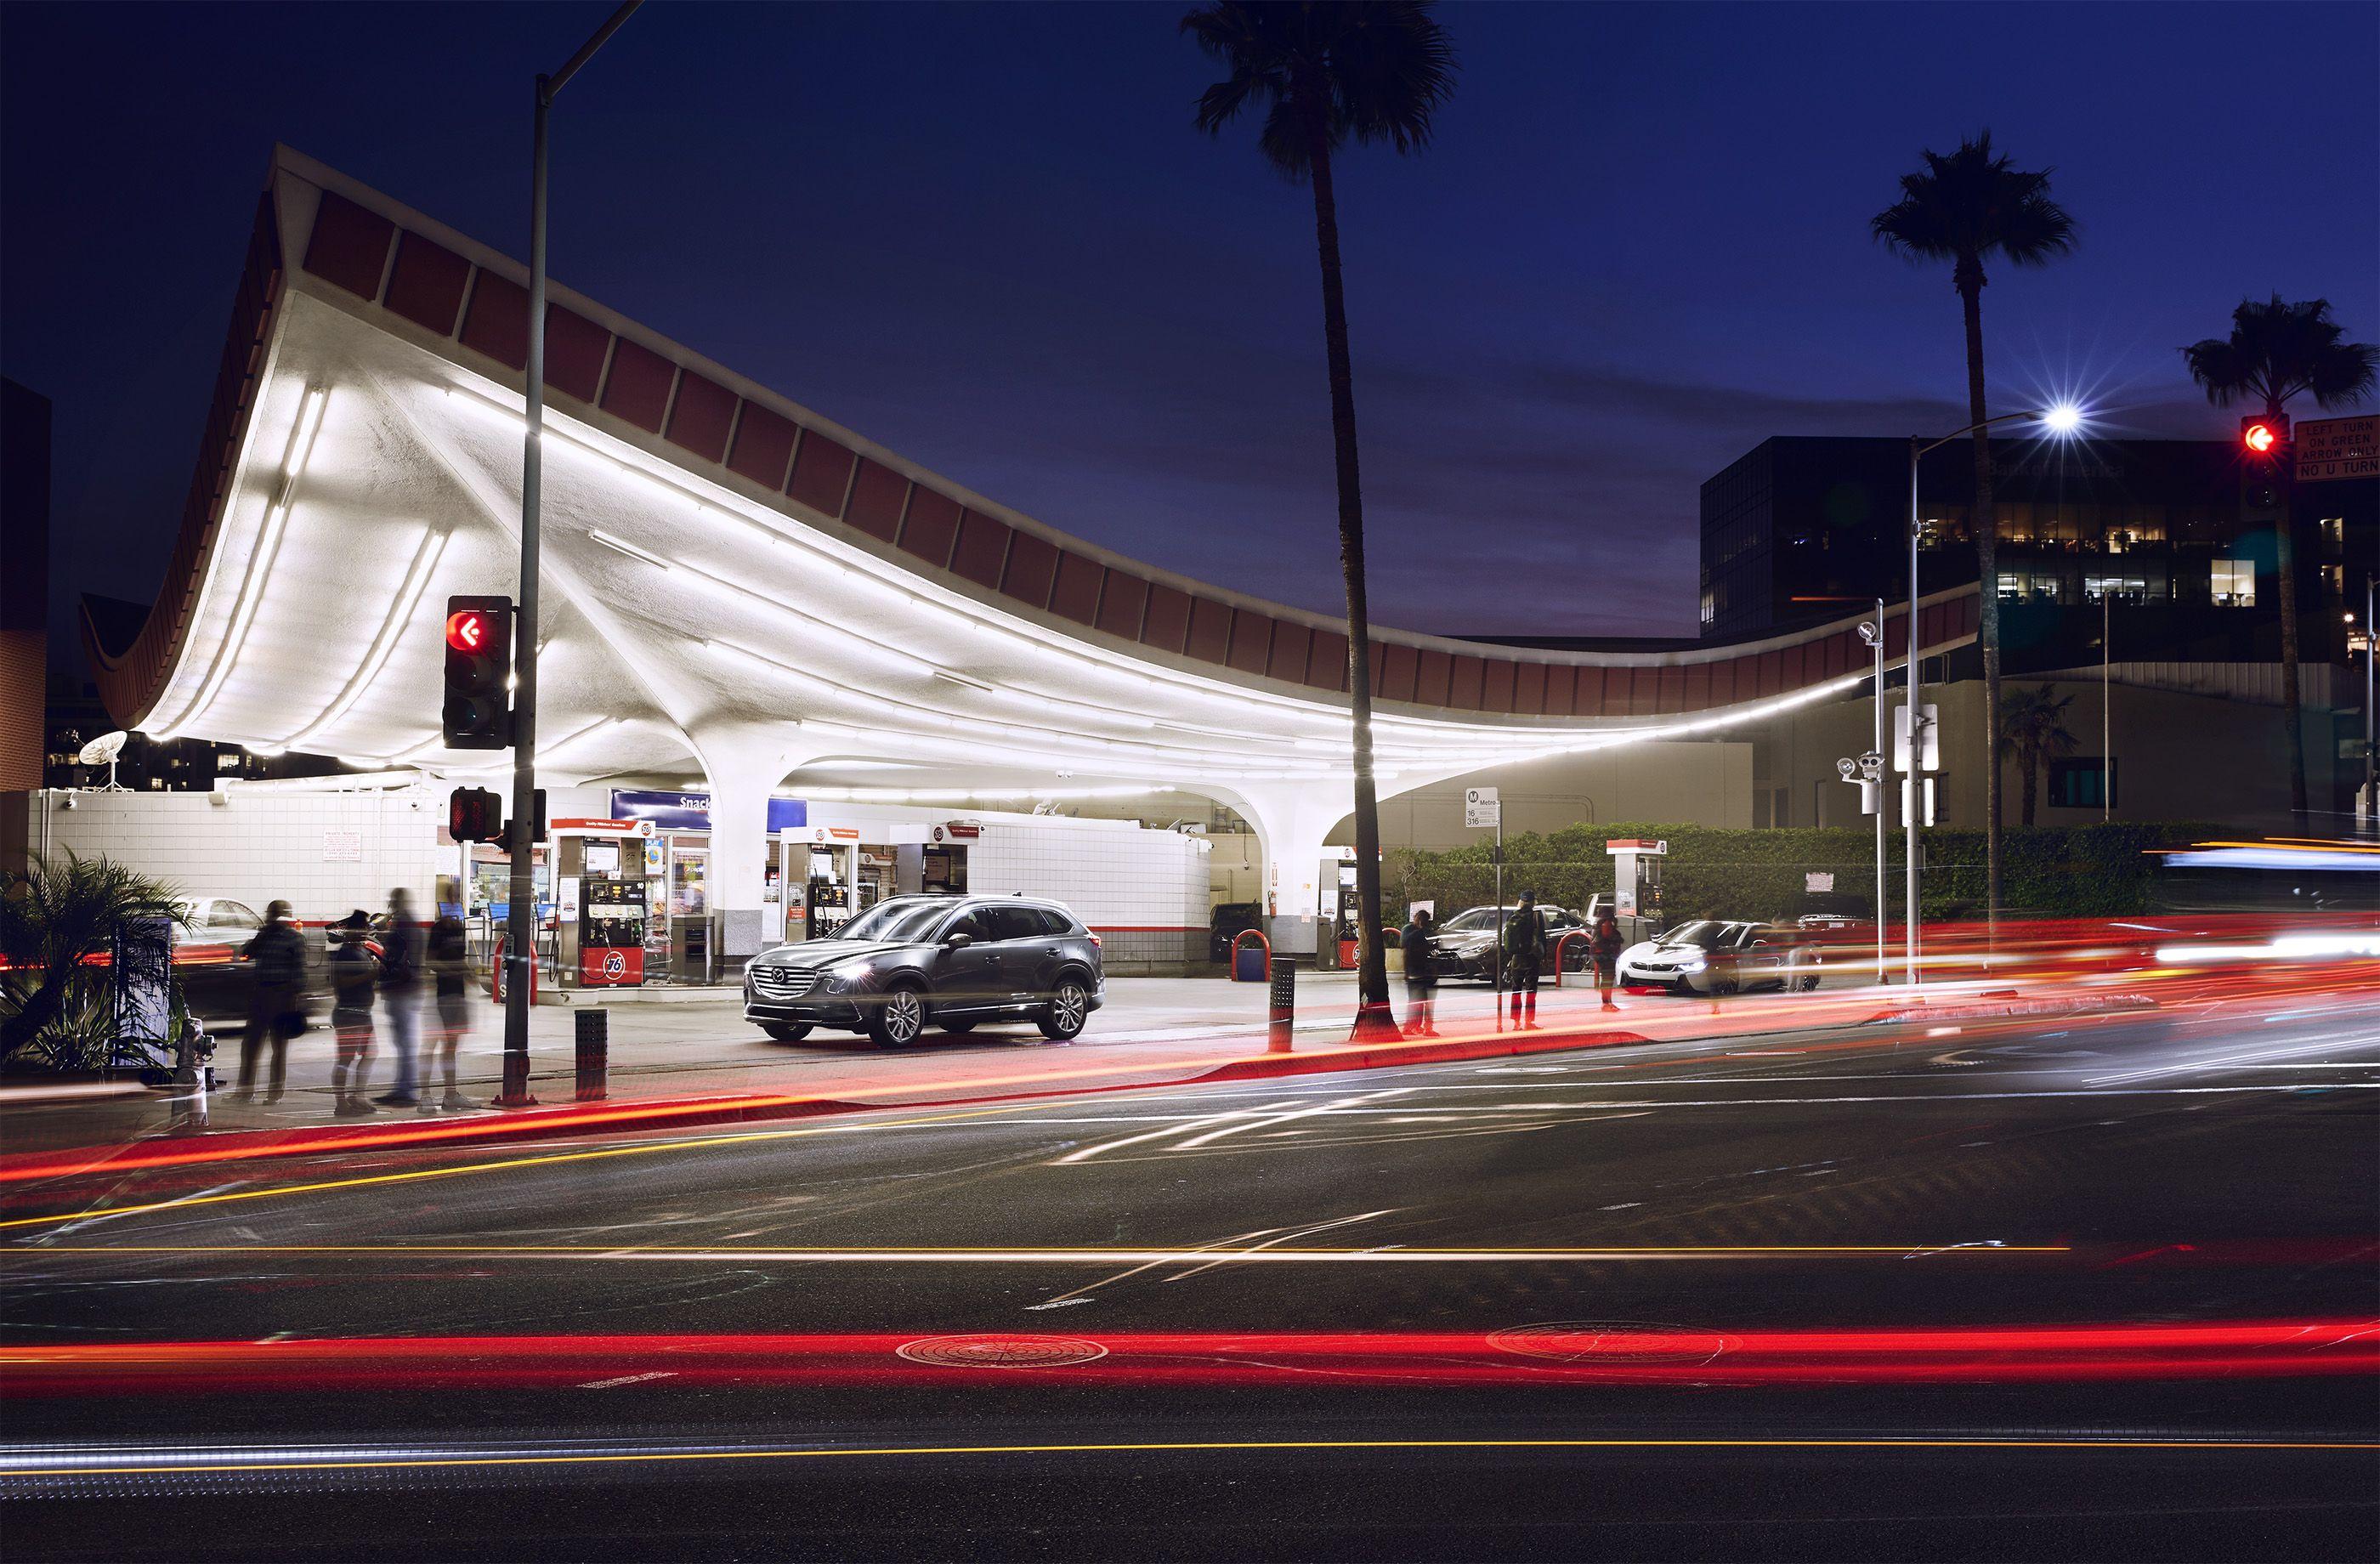 Alex Bernstein's Mazda CX9 photography